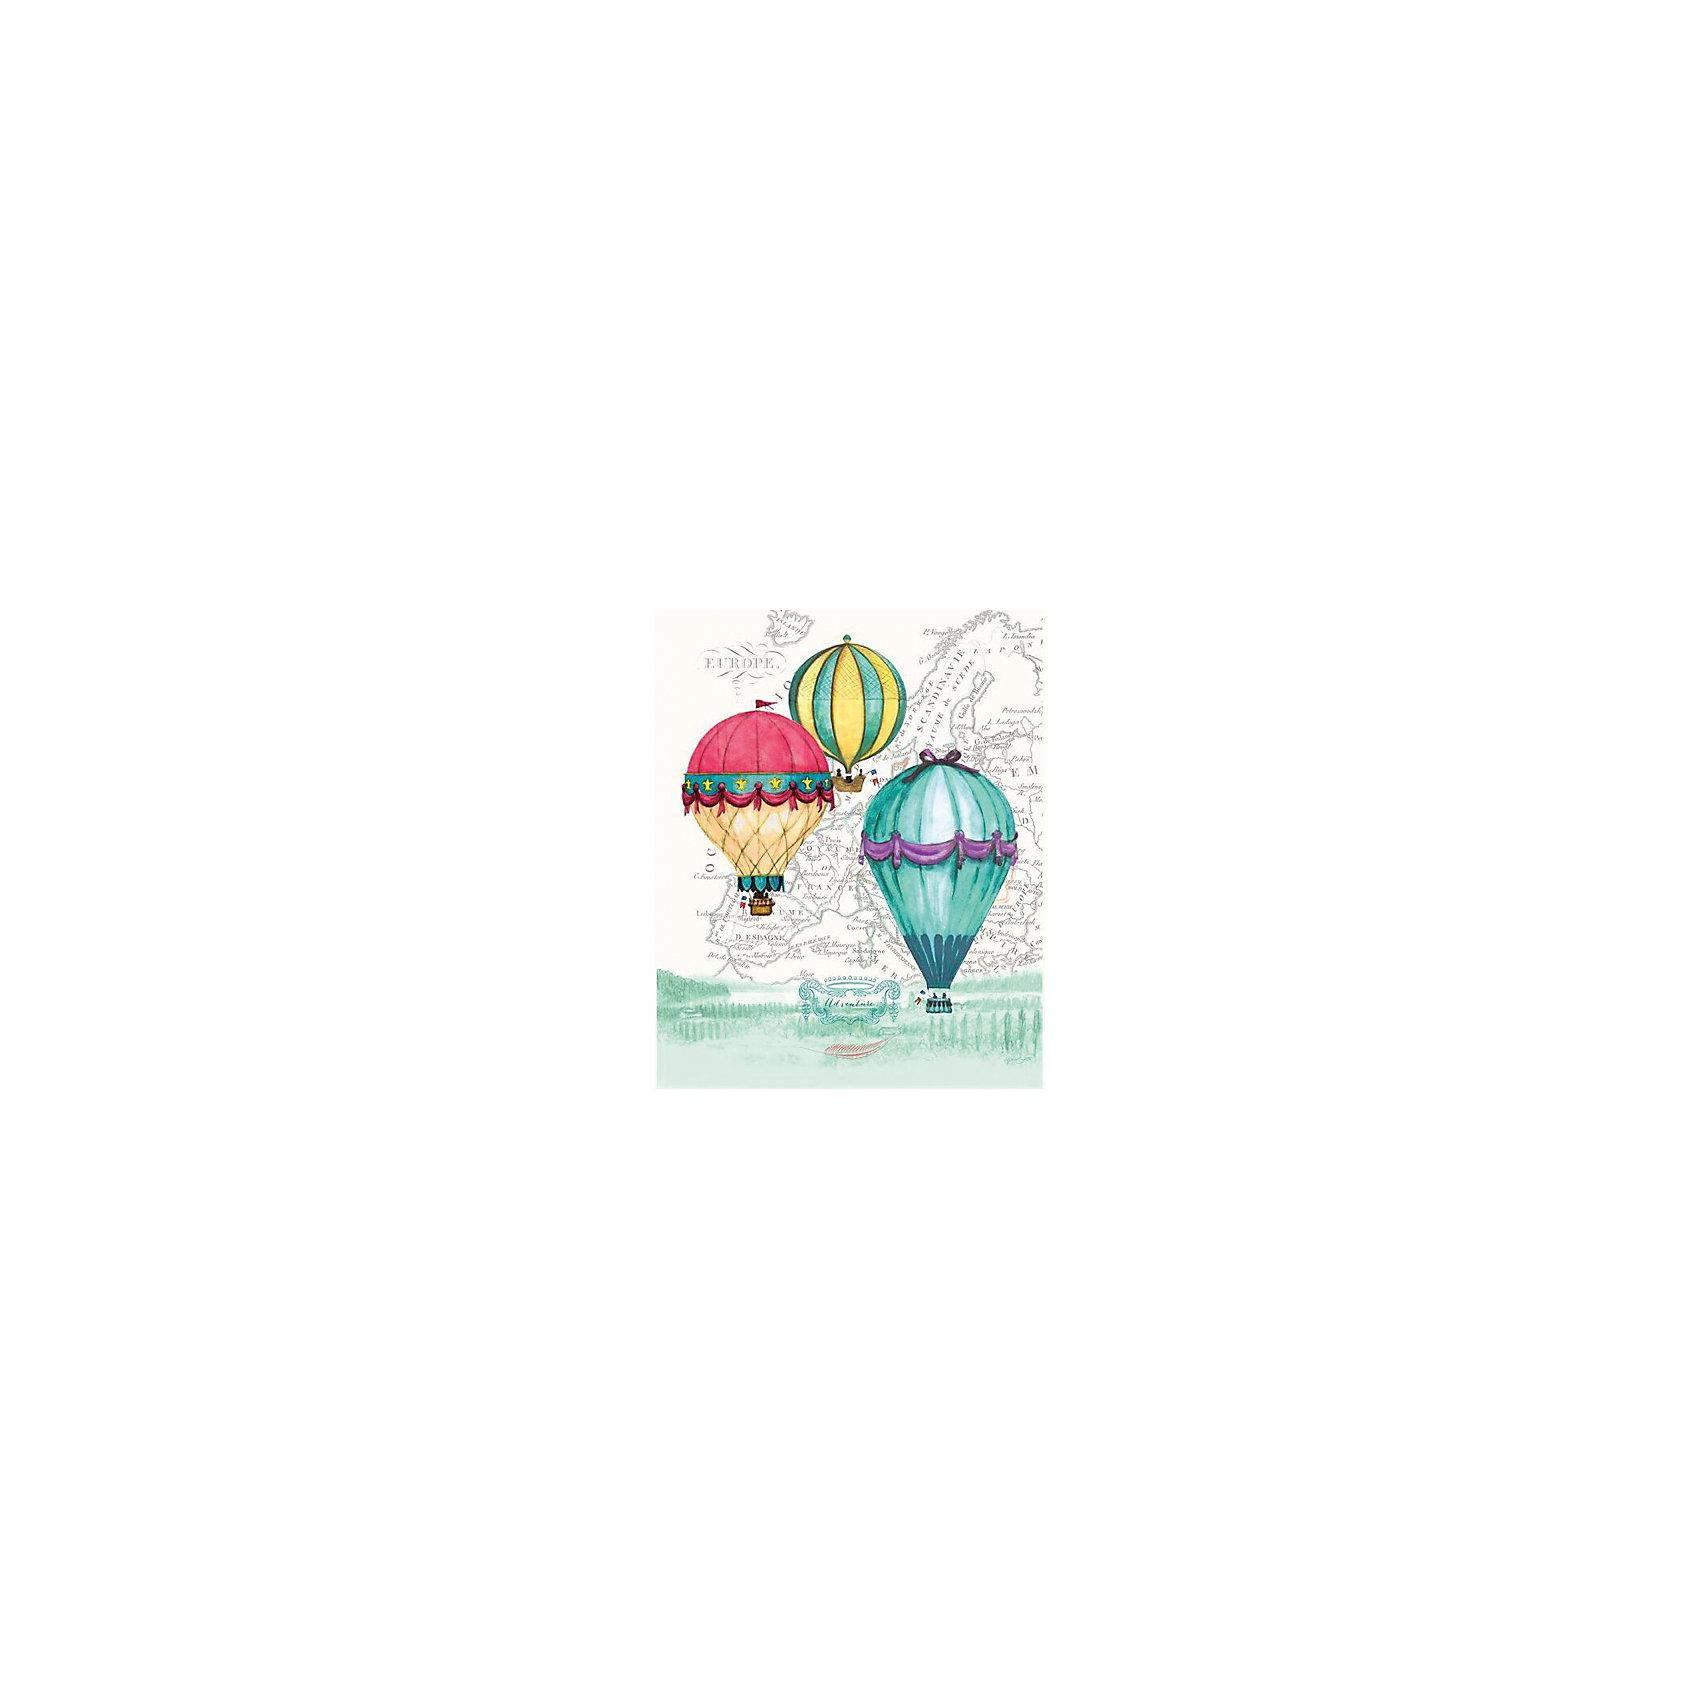 Картина - репродукция Воздушные шары, Феникс-ПрезентДетские предметы интерьера<br>Картина - репродукция Воздушные шары, Феникс-Презент <br><br>Характеристики:<br><br>• печать на бумаге<br>• без рамки<br>• основа из МДФ<br>• размер: 30х40х1 см<br><br>Картина Воздушные шары поднимет настроение и станет прекрасным украшением для любого интерьера. Основа изготовлена из МДФ. На картине изображены три ярких воздушных шара. Краски не выцветают в течение долгого времени. Картина Воздушные шары долго будет радовать глаз!<br><br>Картину - репродукцию Воздушные шары, Феникс-Презент можно купить в нашем интернет-магазине.<br><br>Ширина мм: 300<br>Глубина мм: 400<br>Высота мм: 100<br>Вес г: 793<br>Возраст от месяцев: -2147483648<br>Возраст до месяцев: 2147483647<br>Пол: Унисекс<br>Возраст: Детский<br>SKU: 5449534